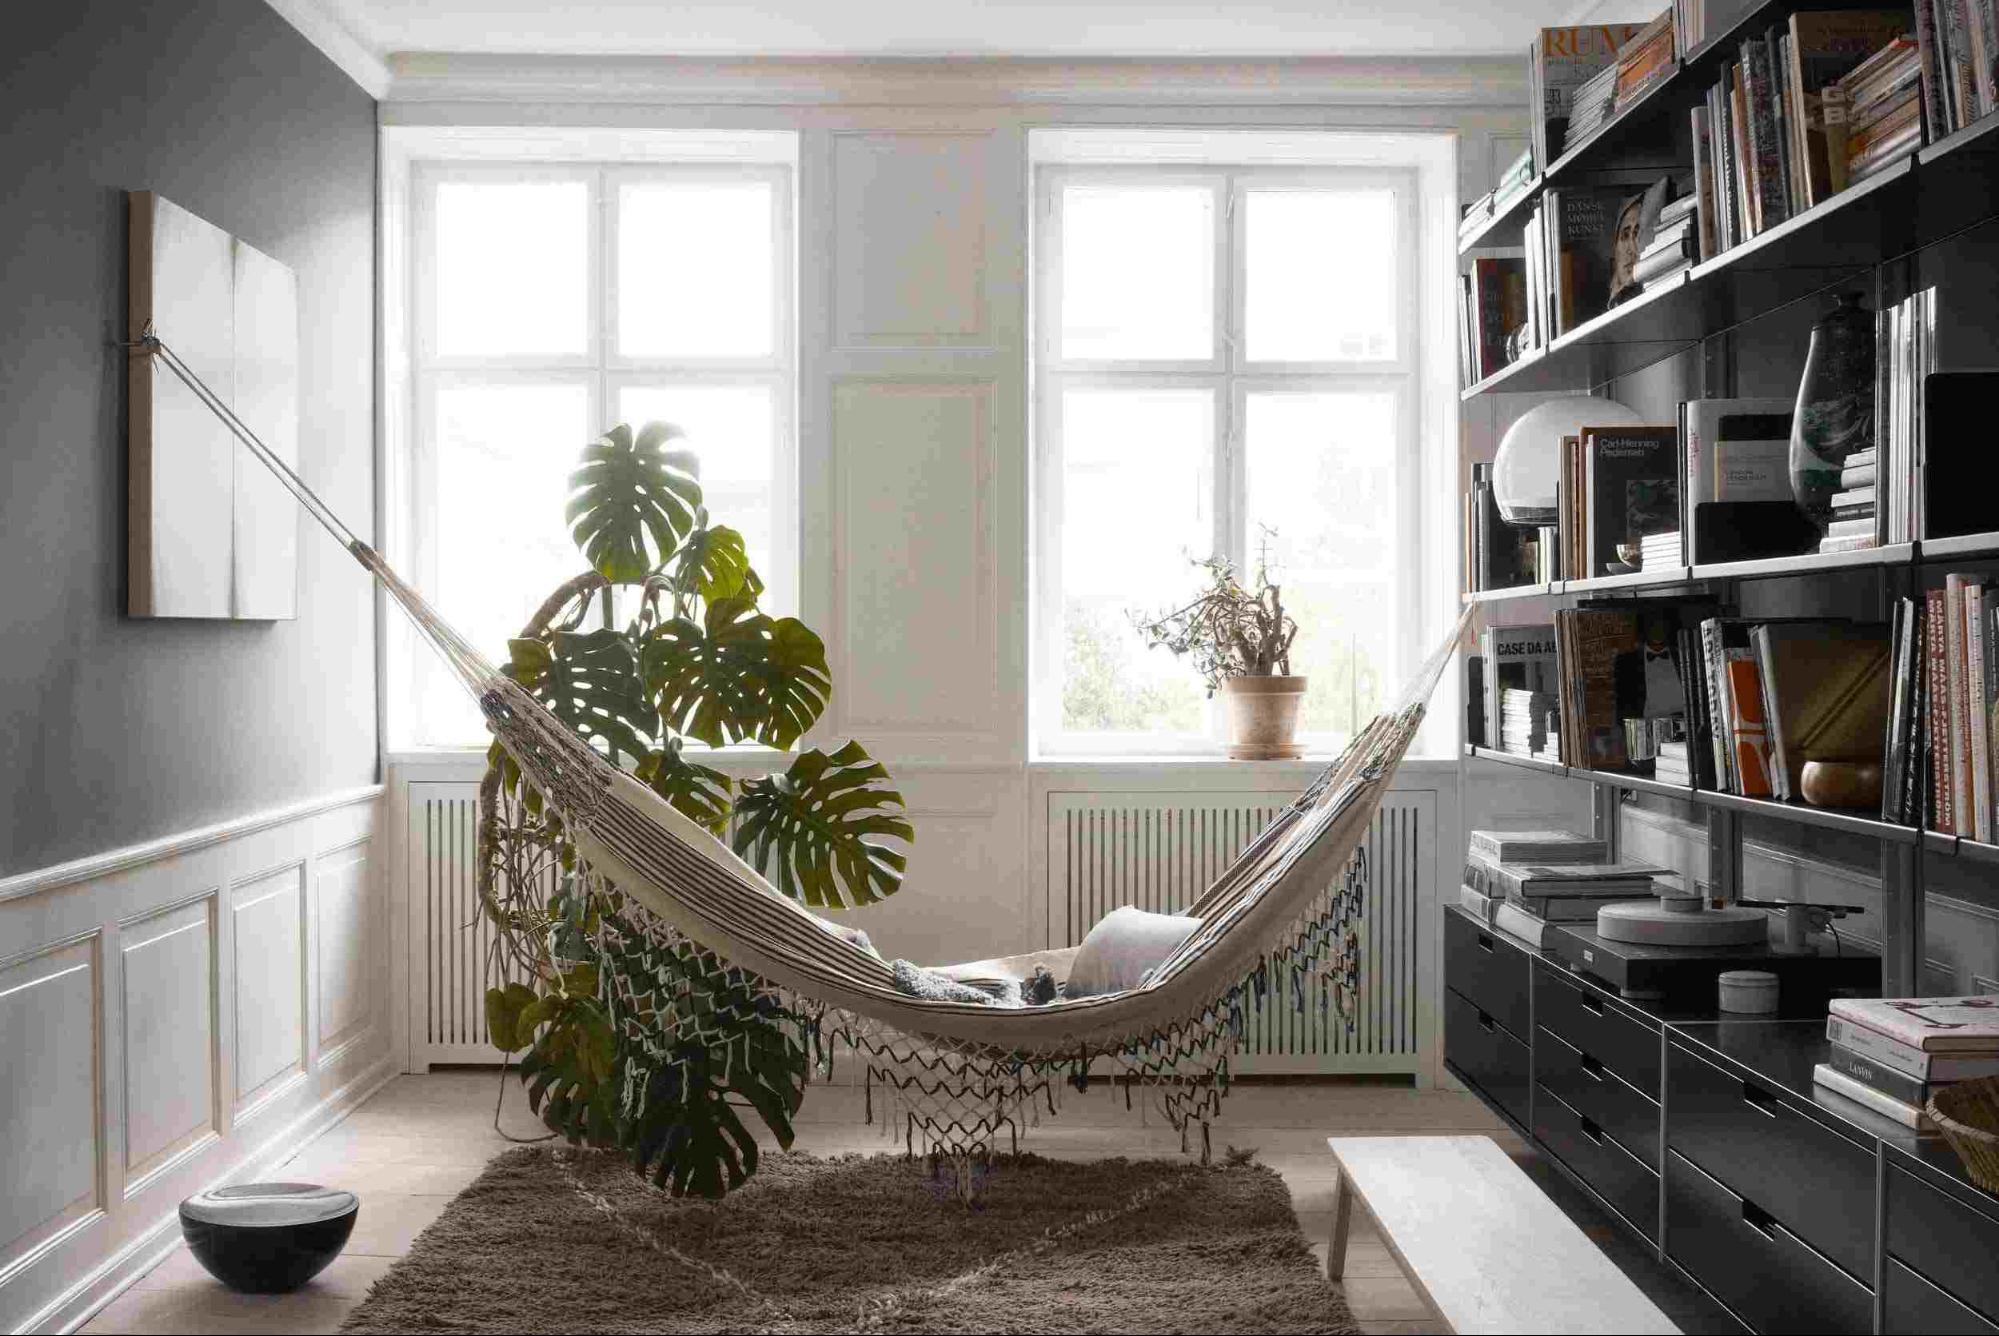 hammock in living room